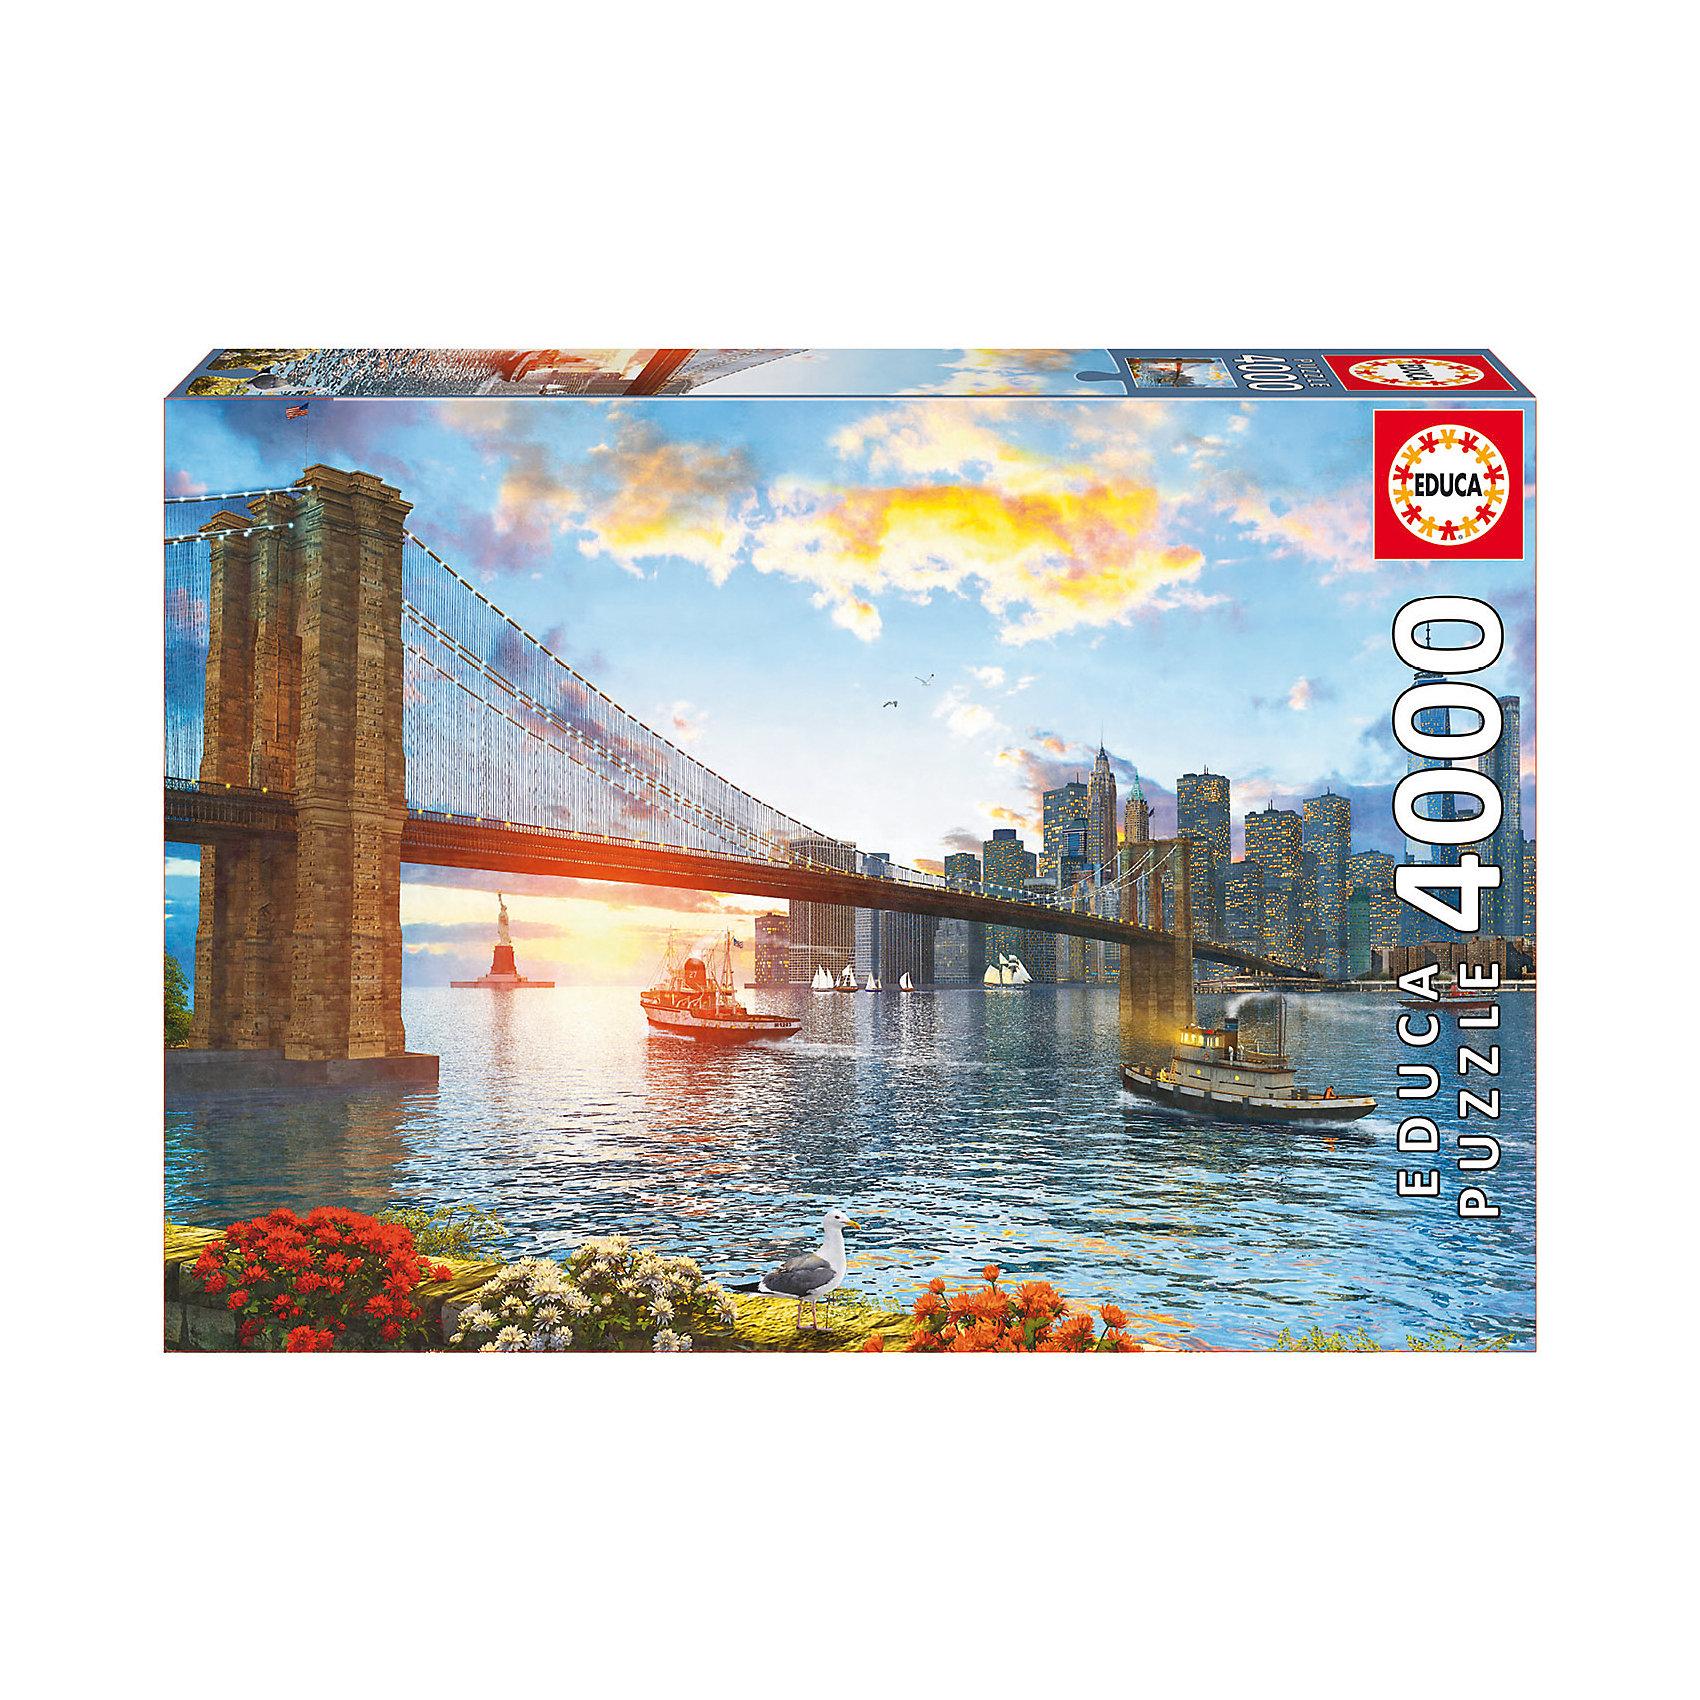 Пазл Бруклинский мост, 4000 деталей, EducaПазлы для детей постарше<br>Характеристики товара:<br><br>• возраст: от 3 лет;<br>• материал: картон;<br>• в комплекте: 4000 деталей;<br>• размер собранного пазла: 136х96 см;<br>• размер упаковки: 47х32х9 см;<br>• вес упаковки: 2,33 кг;<br>• страна производитель: Испания.<br><br>Пазл «Бруклинский мост» Educa позволит увлекательно провести дома время в компании семьи или друзей. На пазле изображен Бруклинский мост в Нью-Йорке. В процессе сборки пазла у детей развивается мелкая моторика рук, усидчивость, внимательность к деталям, логическое мышление.<br><br>Пазл «Бруклинский мост» Educa можно приобрести в нашем интернет-магазине.<br><br>Ширина мм: 459<br>Глубина мм: 320<br>Высота мм: 85<br>Вес г: 2344<br>Возраст от месяцев: 60<br>Возраст до месяцев: 2147483647<br>Пол: Унисекс<br>Возраст: Детский<br>SKU: 5478583